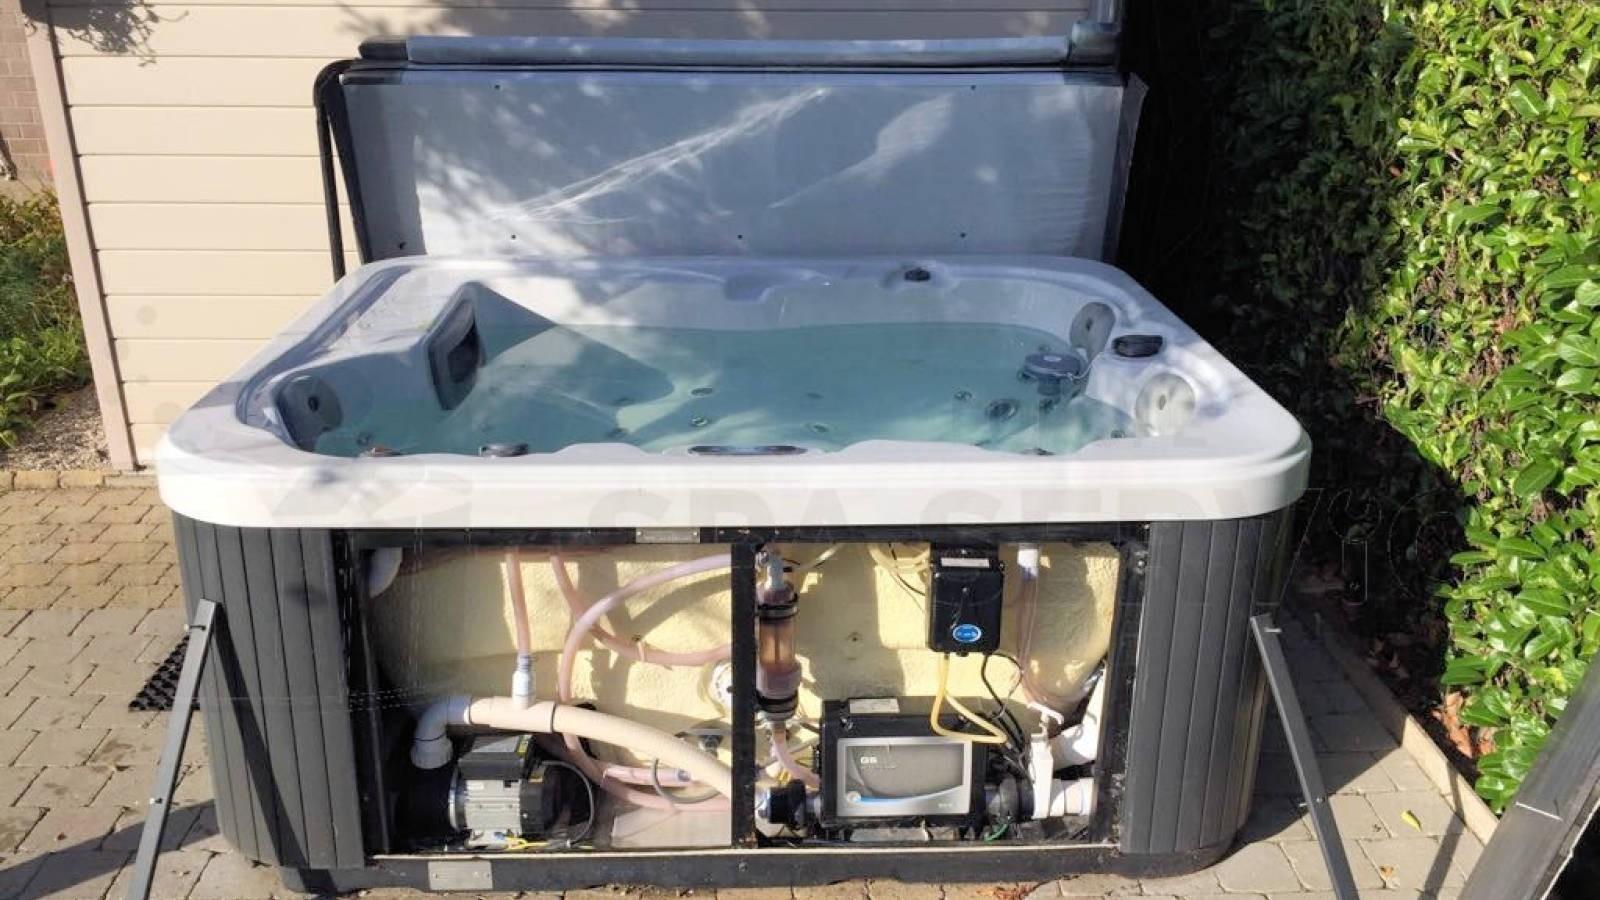 Reparatie defect display van een Allseas Oasis S 1600S spa in Vrasene België